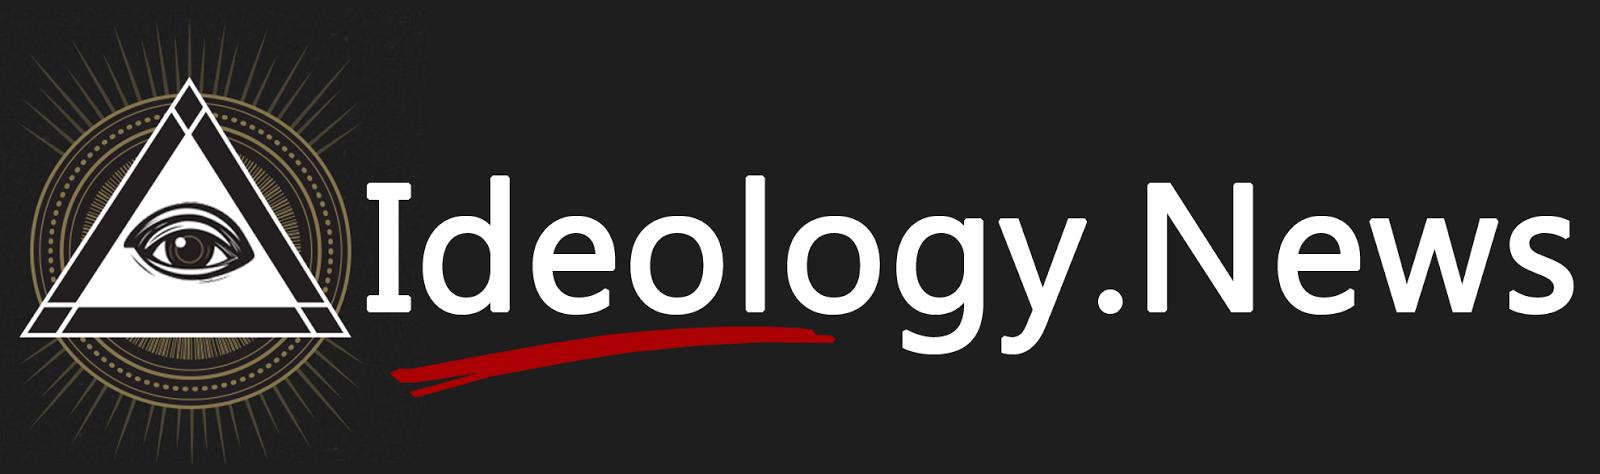 ព័ត៌មានមនោគមវិជ្ជា - Ideology News